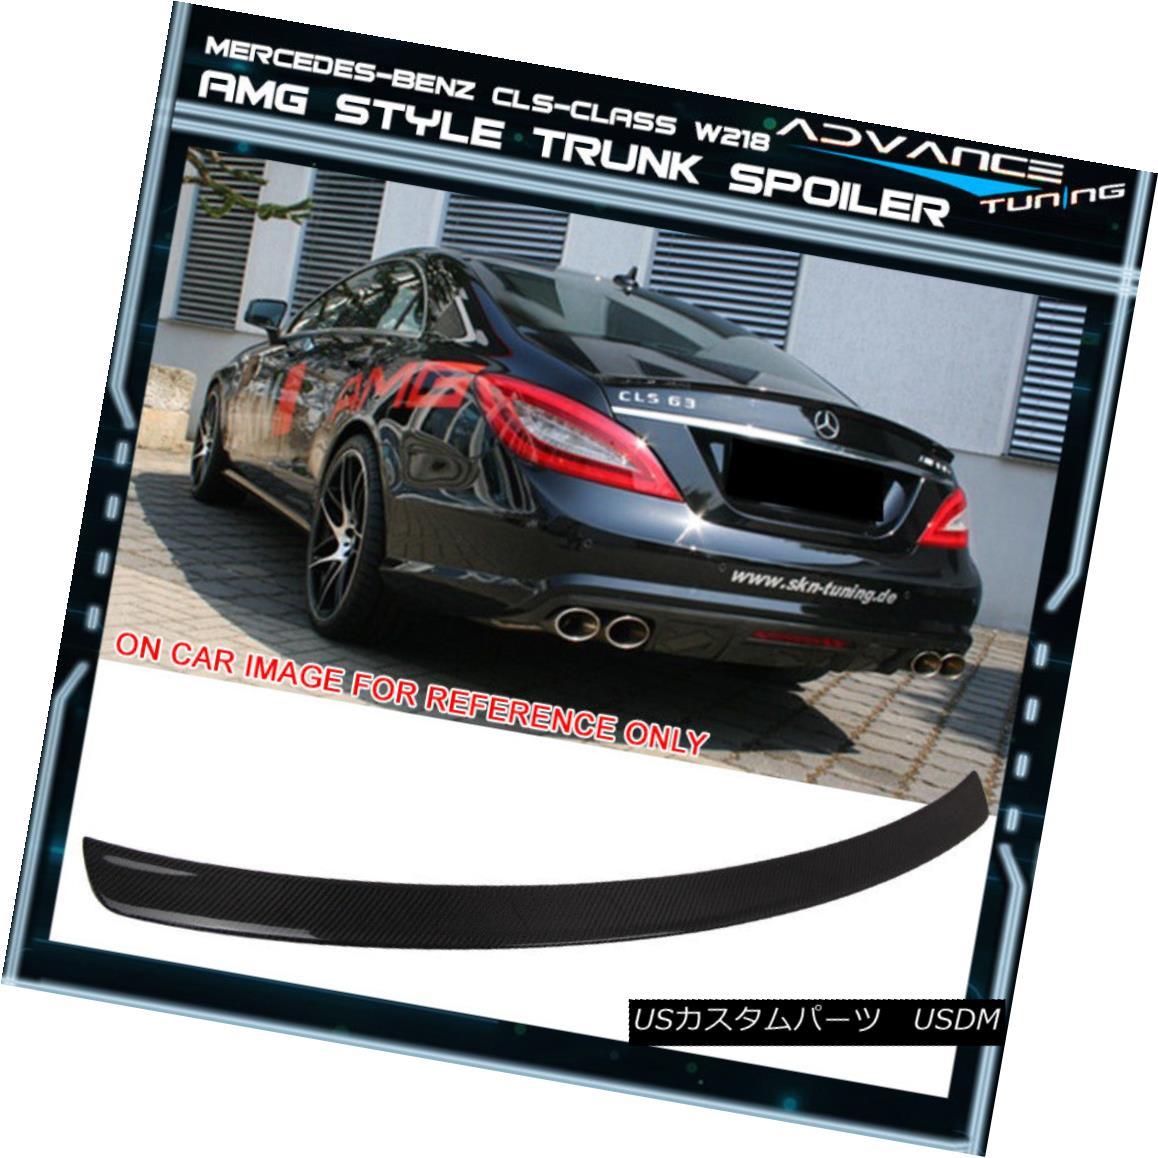 エアロパーツ 11-17 Benz CLS Class W218 AMG Style Trunk Spoiler Wing - Carbon Fiber (CF) 11-17ベンツCLSクラスW218 AMGスタイルトランク・スポイラー・ウィング - 炭素繊維(CF)